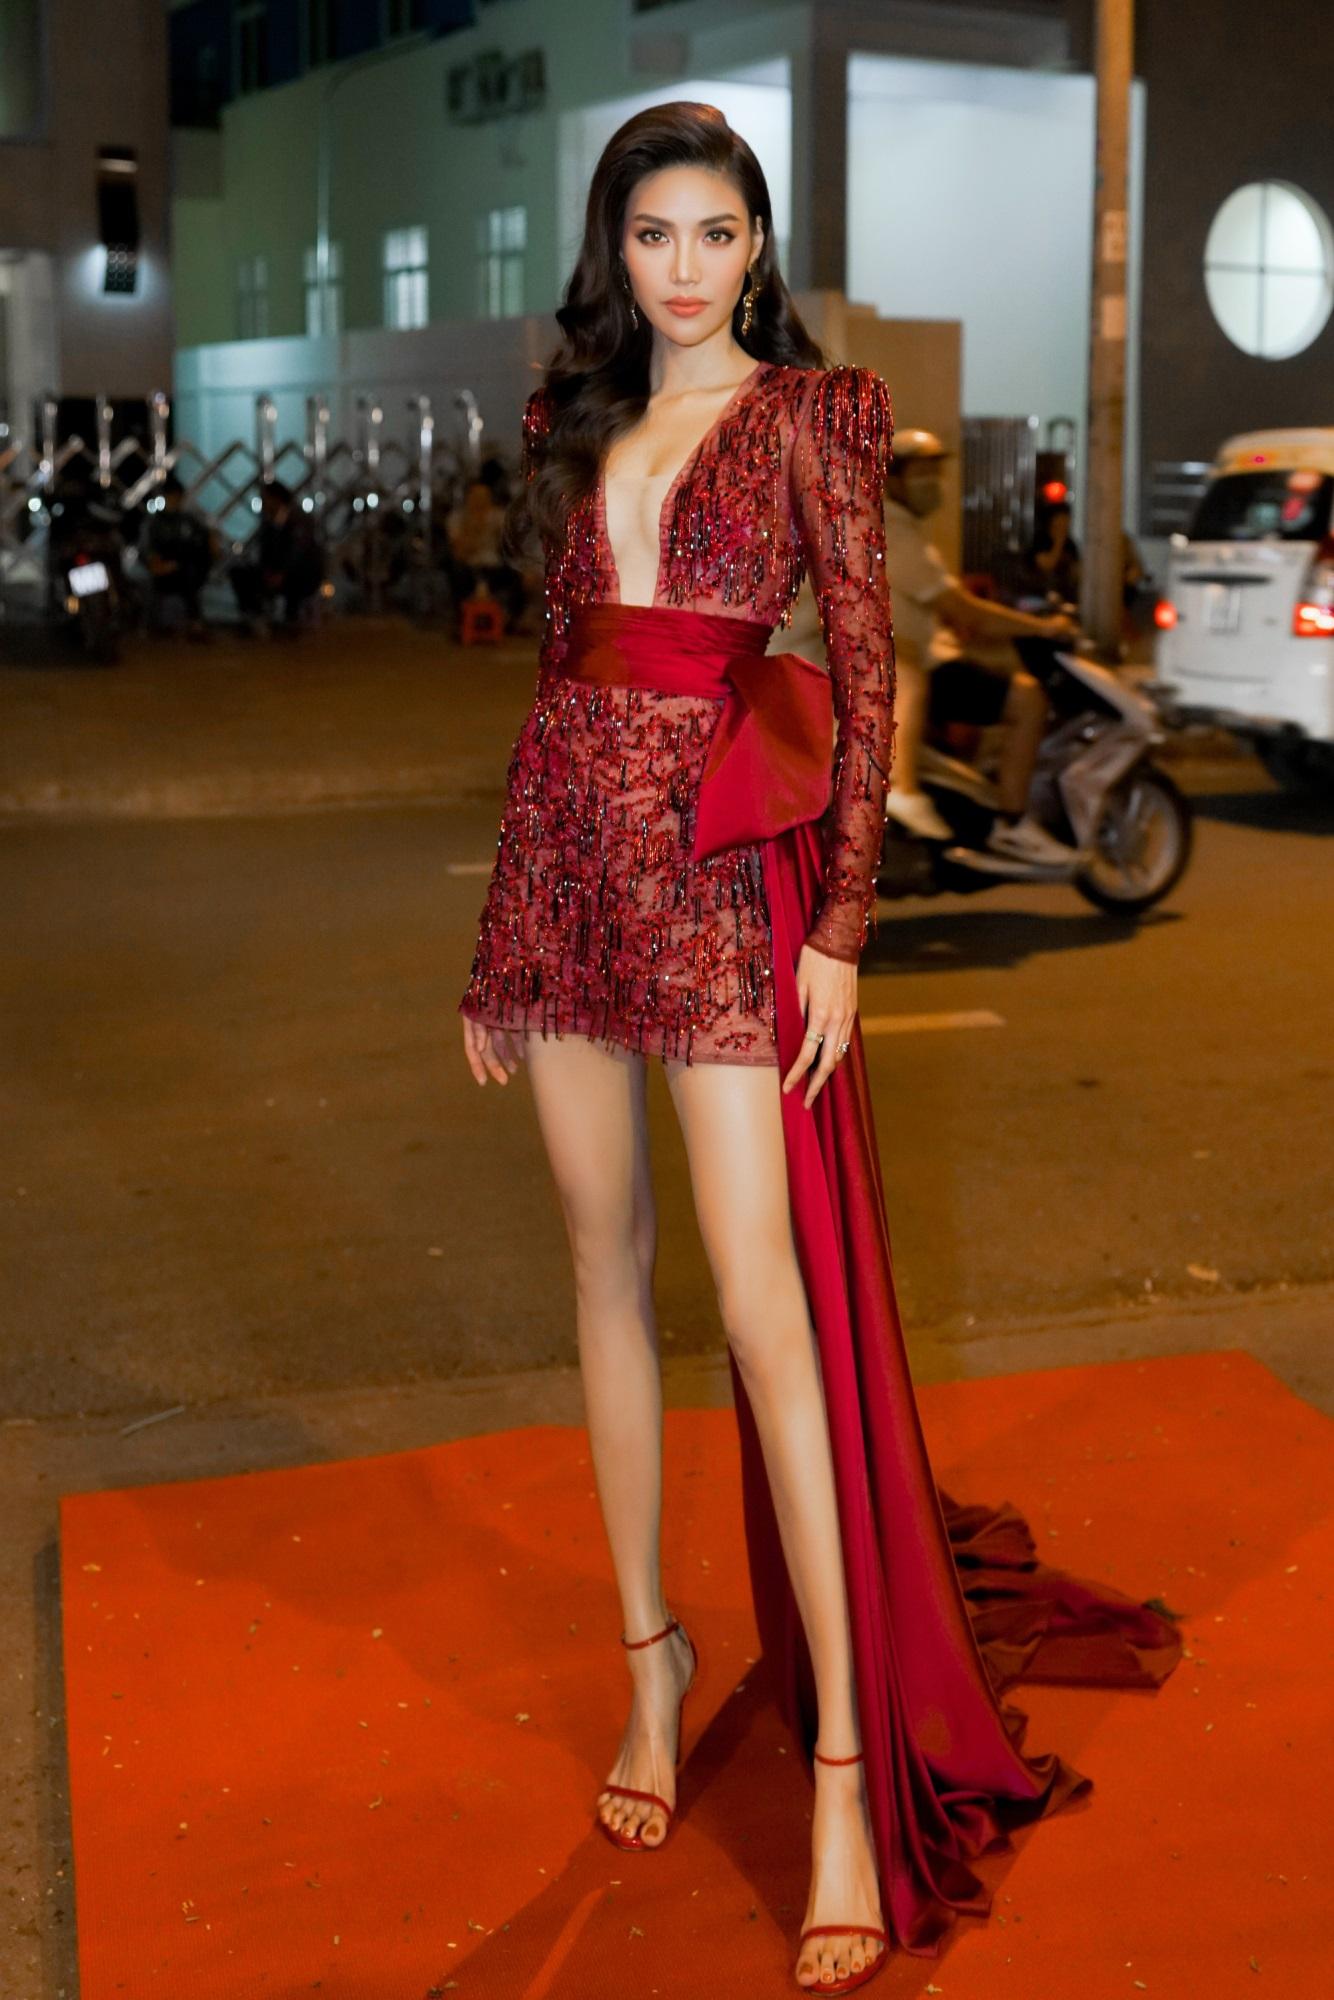 Cùng tuổi với H'Hen Niê nhưng 3 mỹ nhân Việt: Người vừa kết hôn, người có cơ hội tham dự Miss Universe  - Ảnh 9